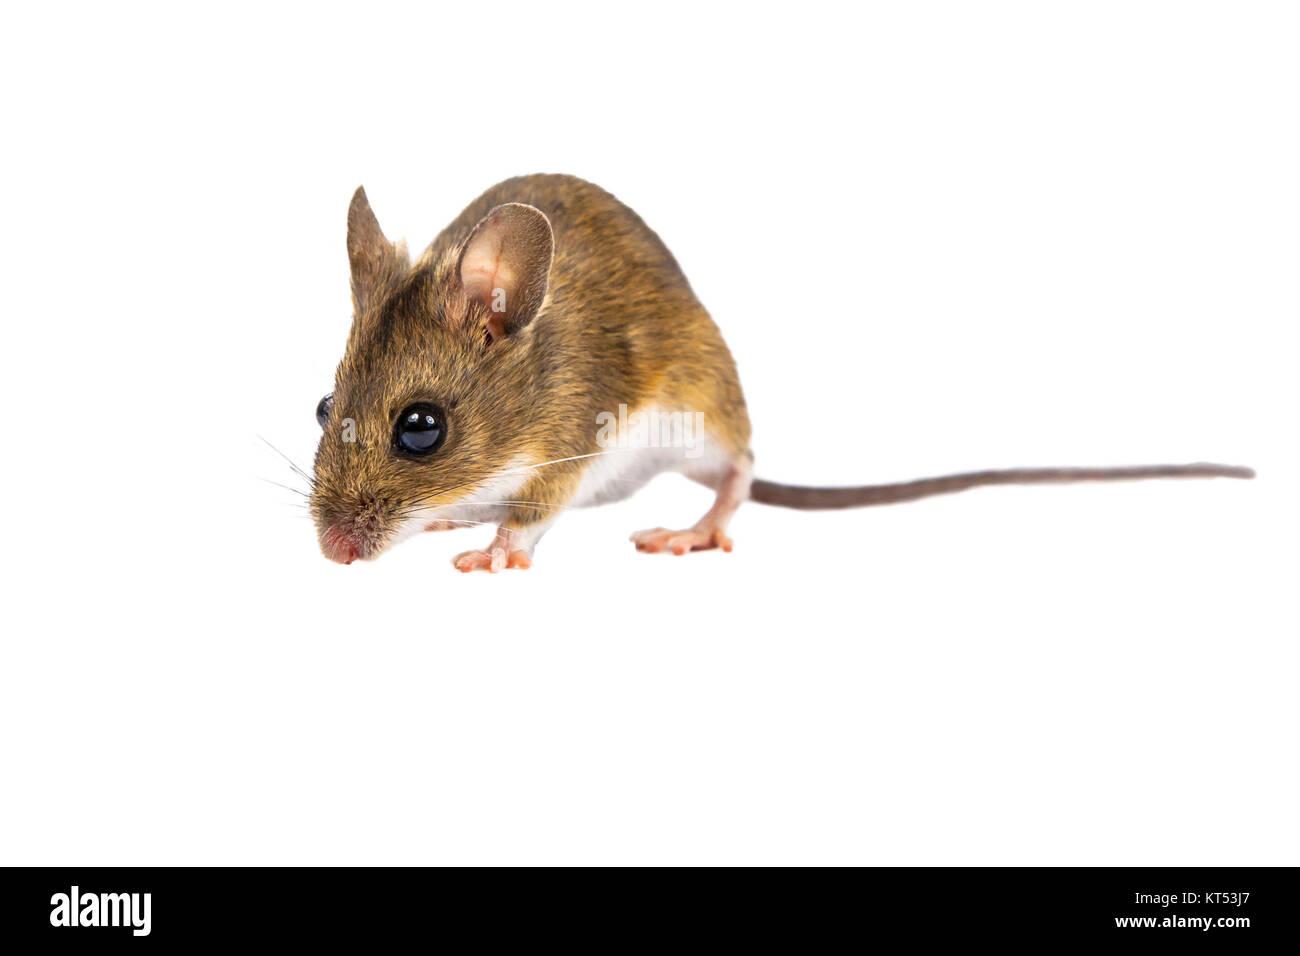 Walking Feld Maus mit niedlichen braunen Augen schauen in die Kamera auf weißem Hintergrund Stockbild